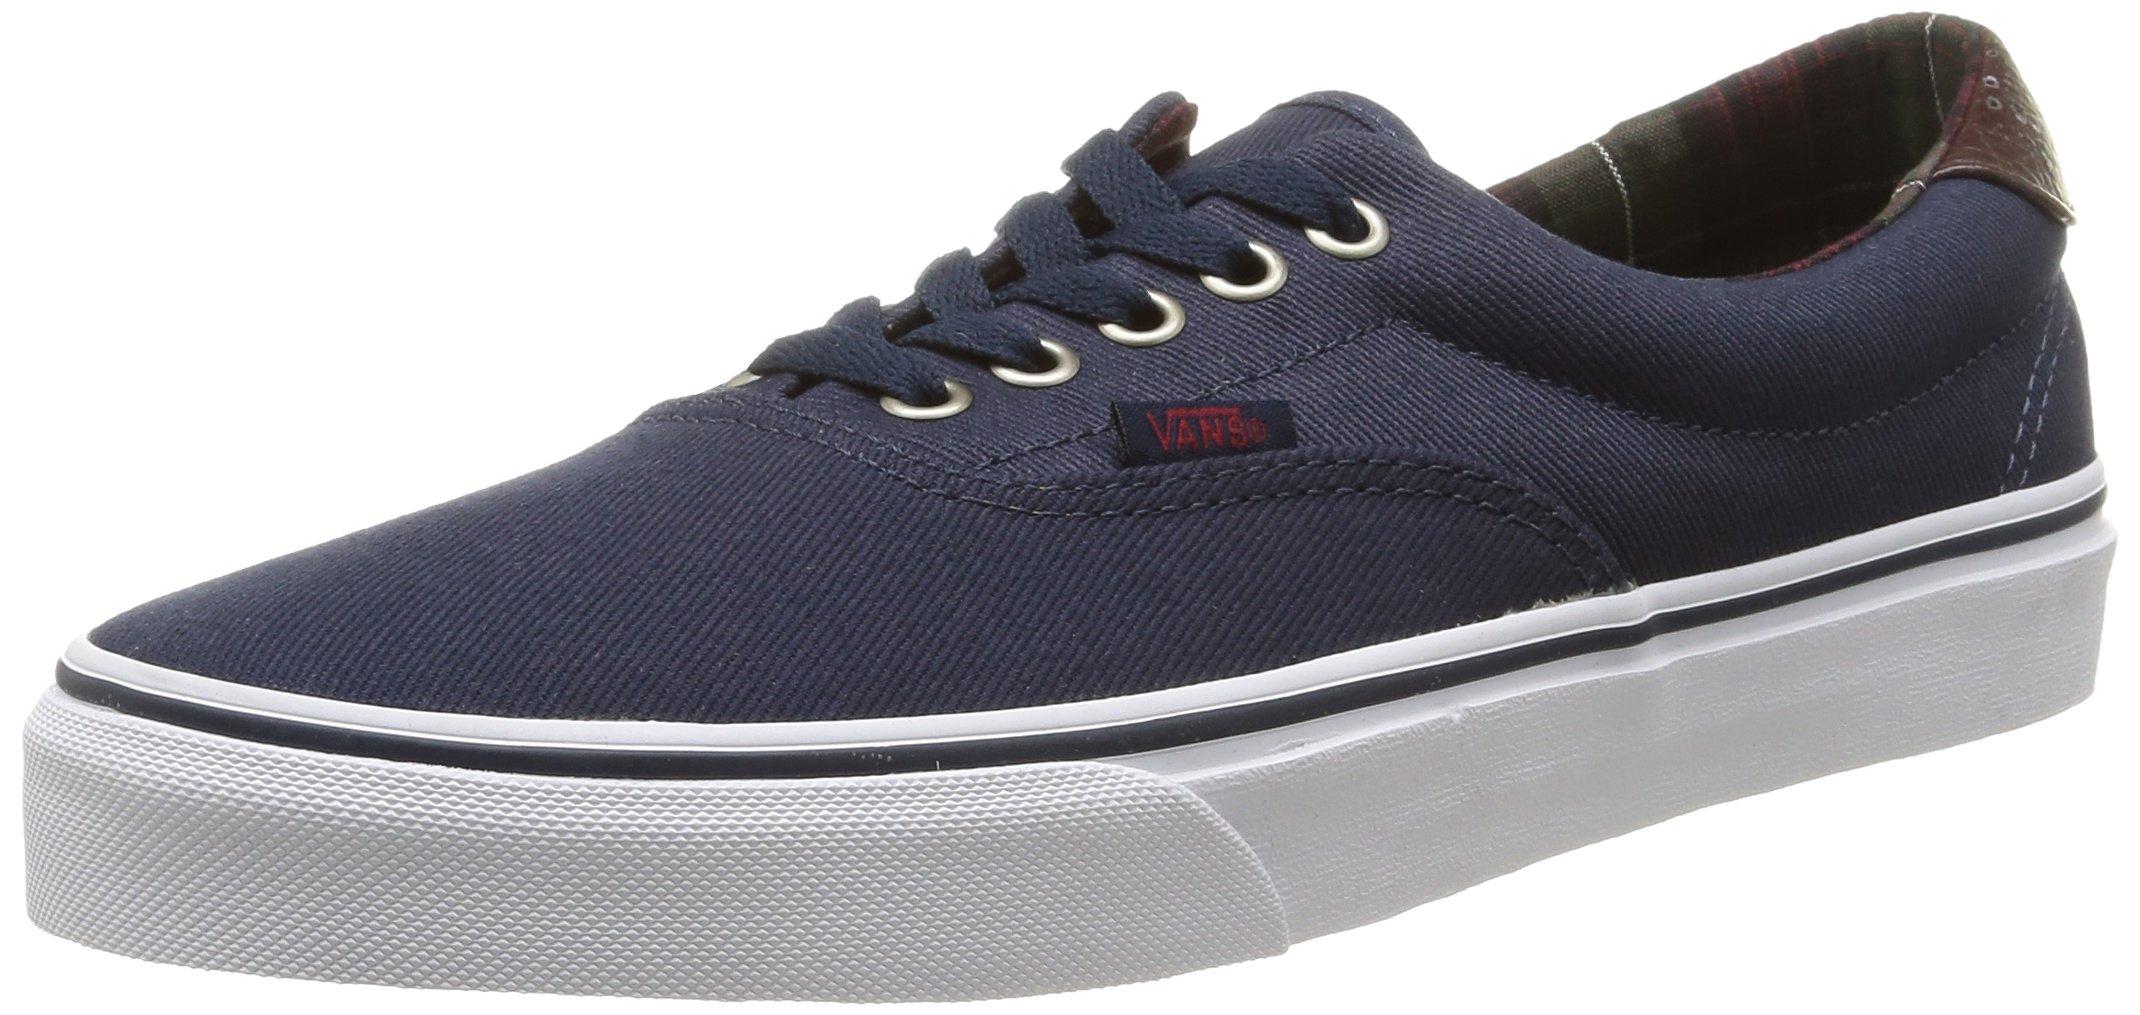 229c3ff500 Galleon - Vans Era 59 Men s Skateboarding Shoes - (Plaid) (5.5 D(M ...